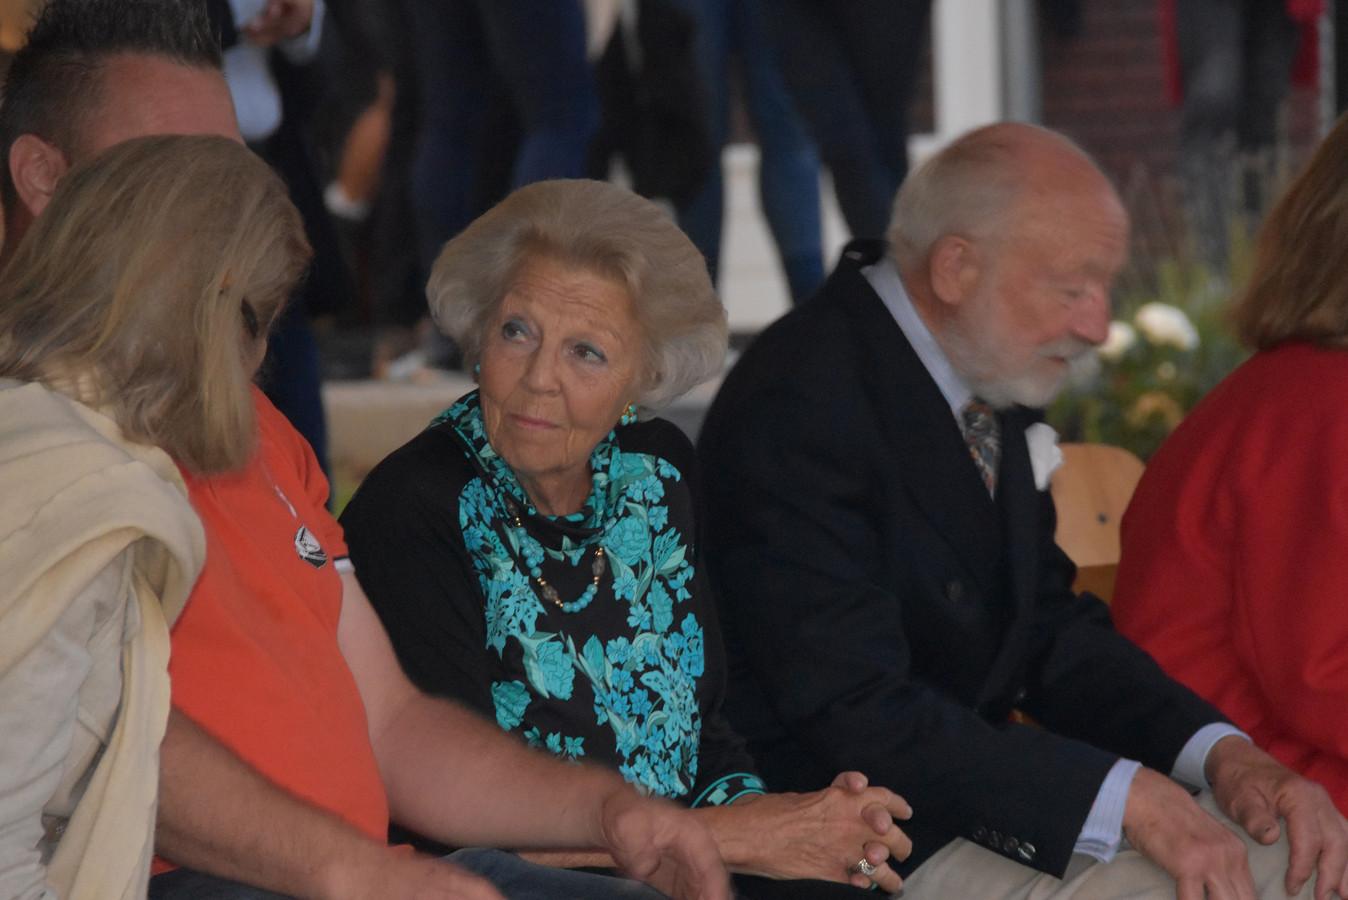 Beatrix eregast in Belt-Schutsloot.